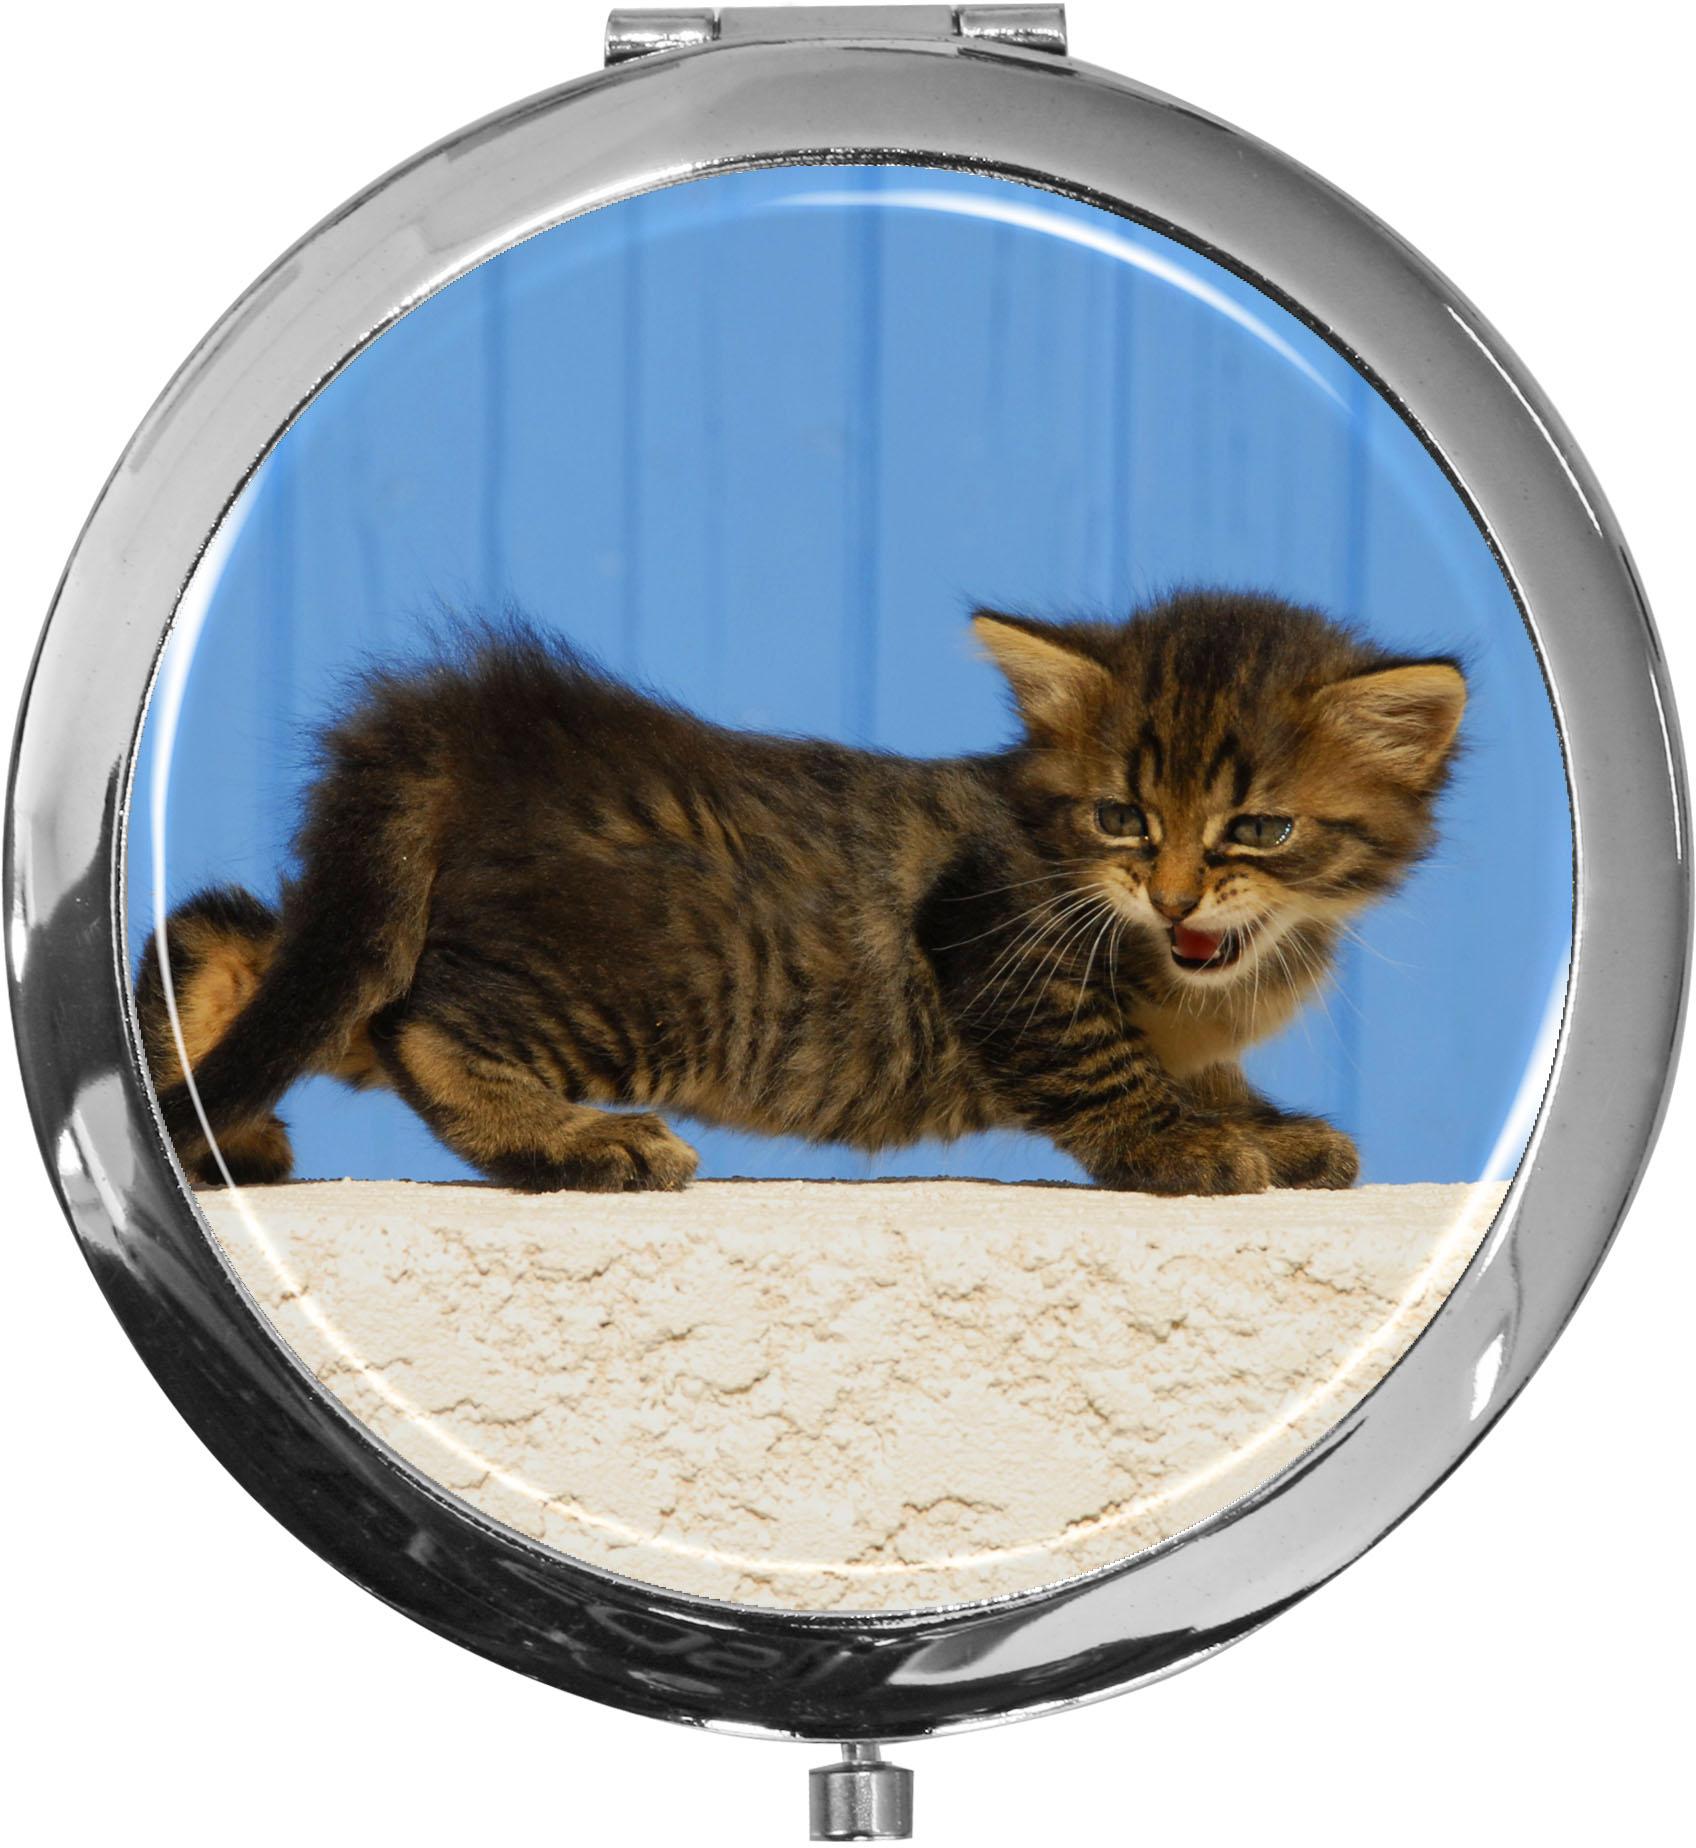 Taschenspiegel / Spiegel / Katze / 2 fache Vergrößerung